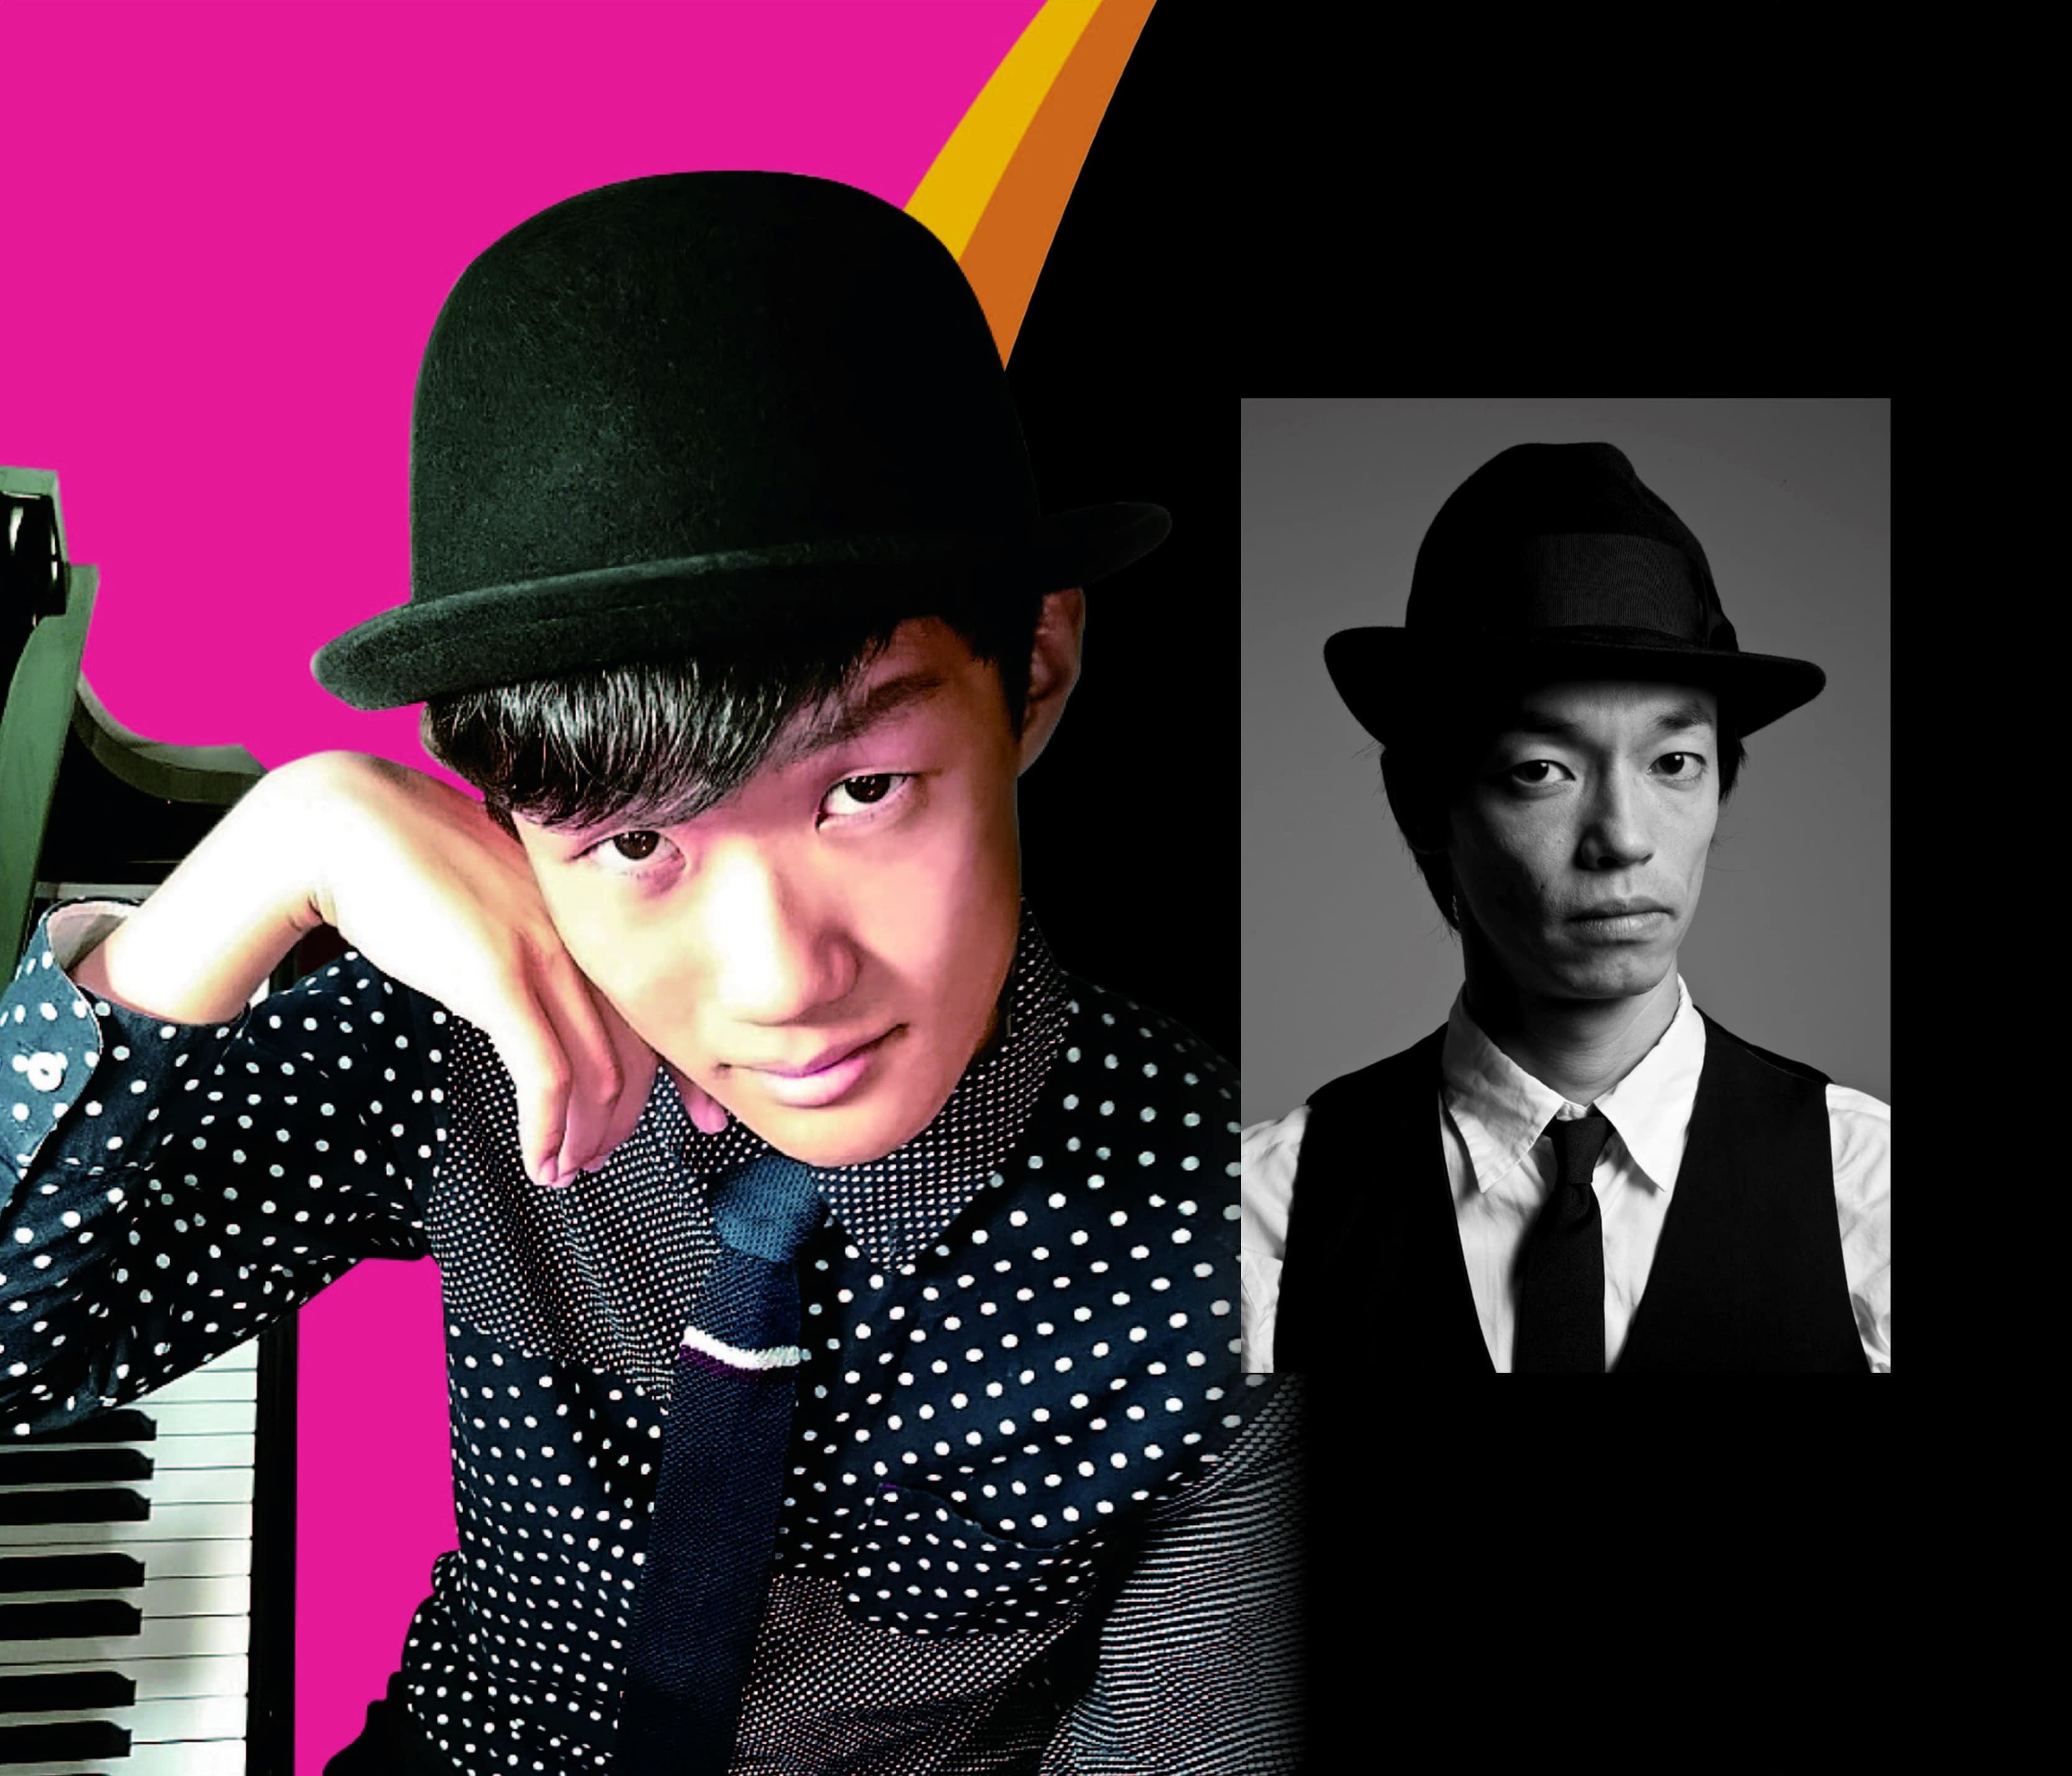 【延期】奥田弦ジャズコンサート<br>夢弦JAZZの画像